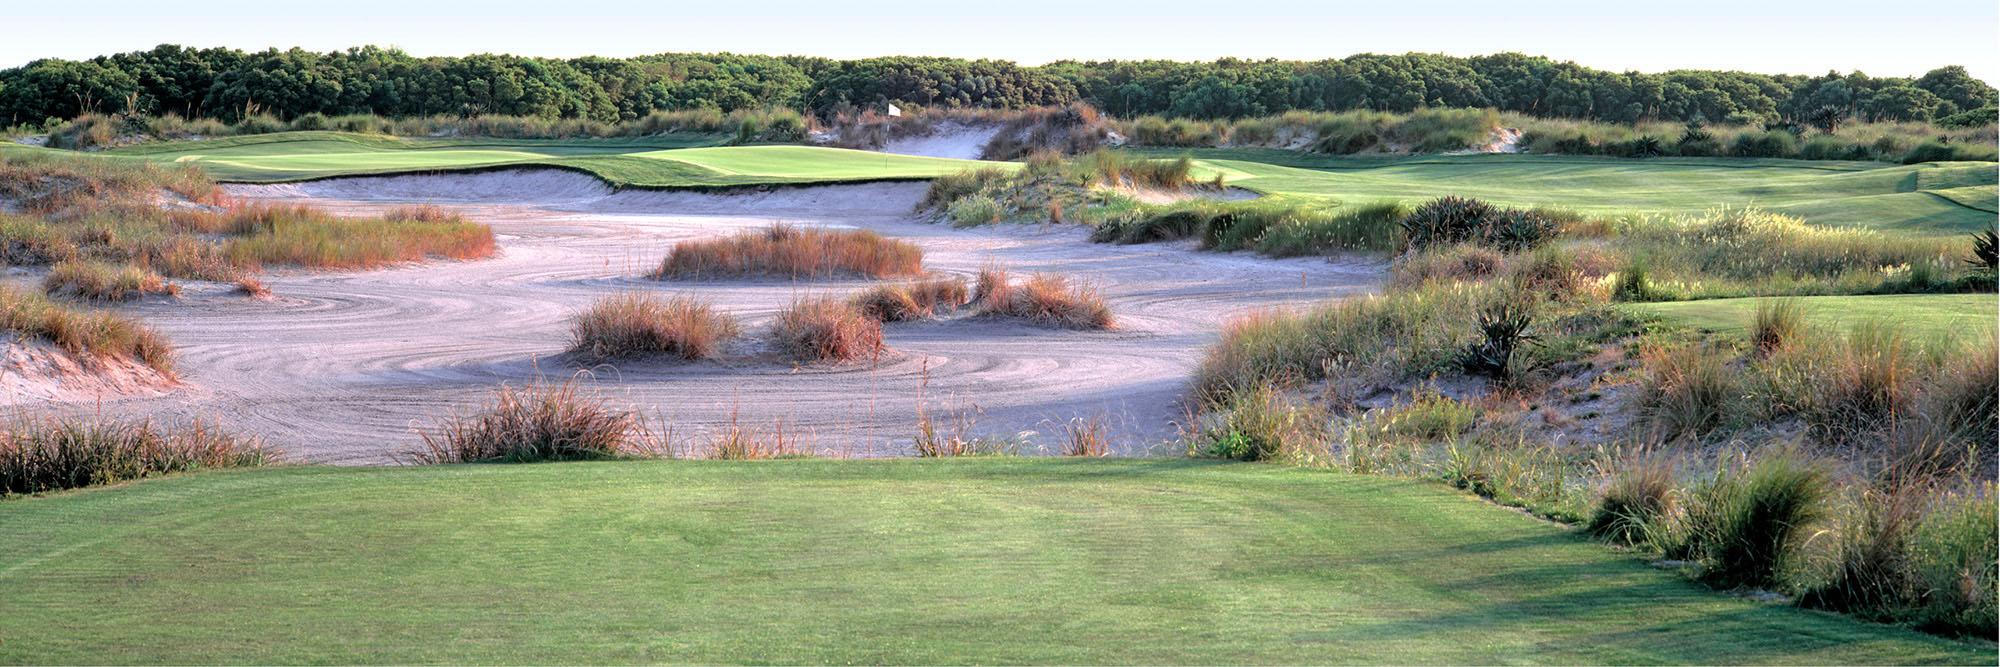 Golf Course Image - Kiawah Ocean Course No. 5